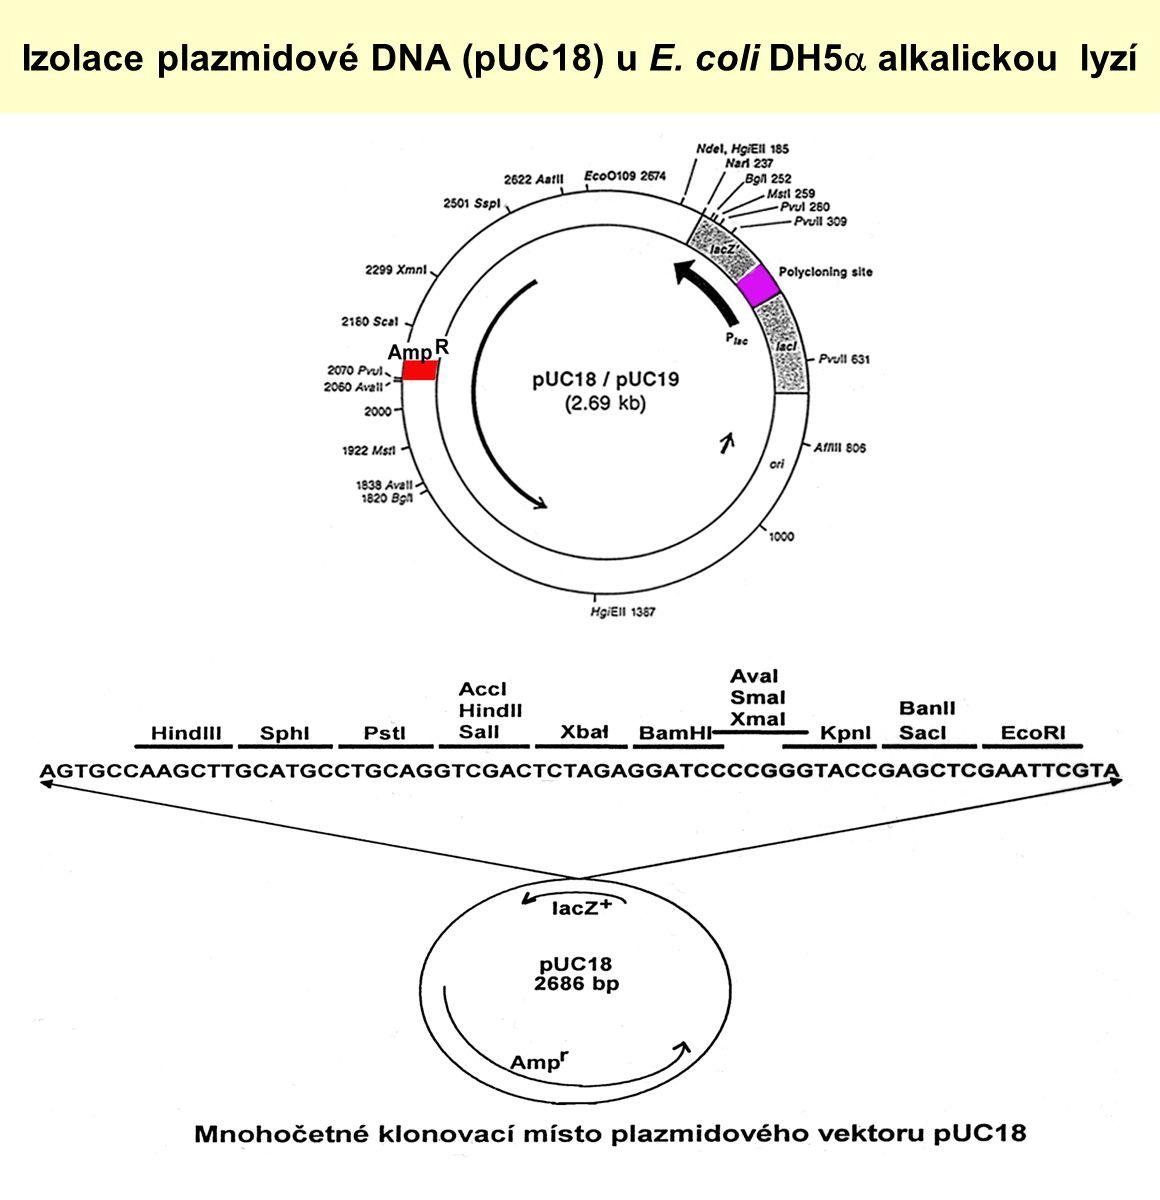 Izolace plazmidové DNA (pUC18) u E. coli DH5a alkalickou lyzí